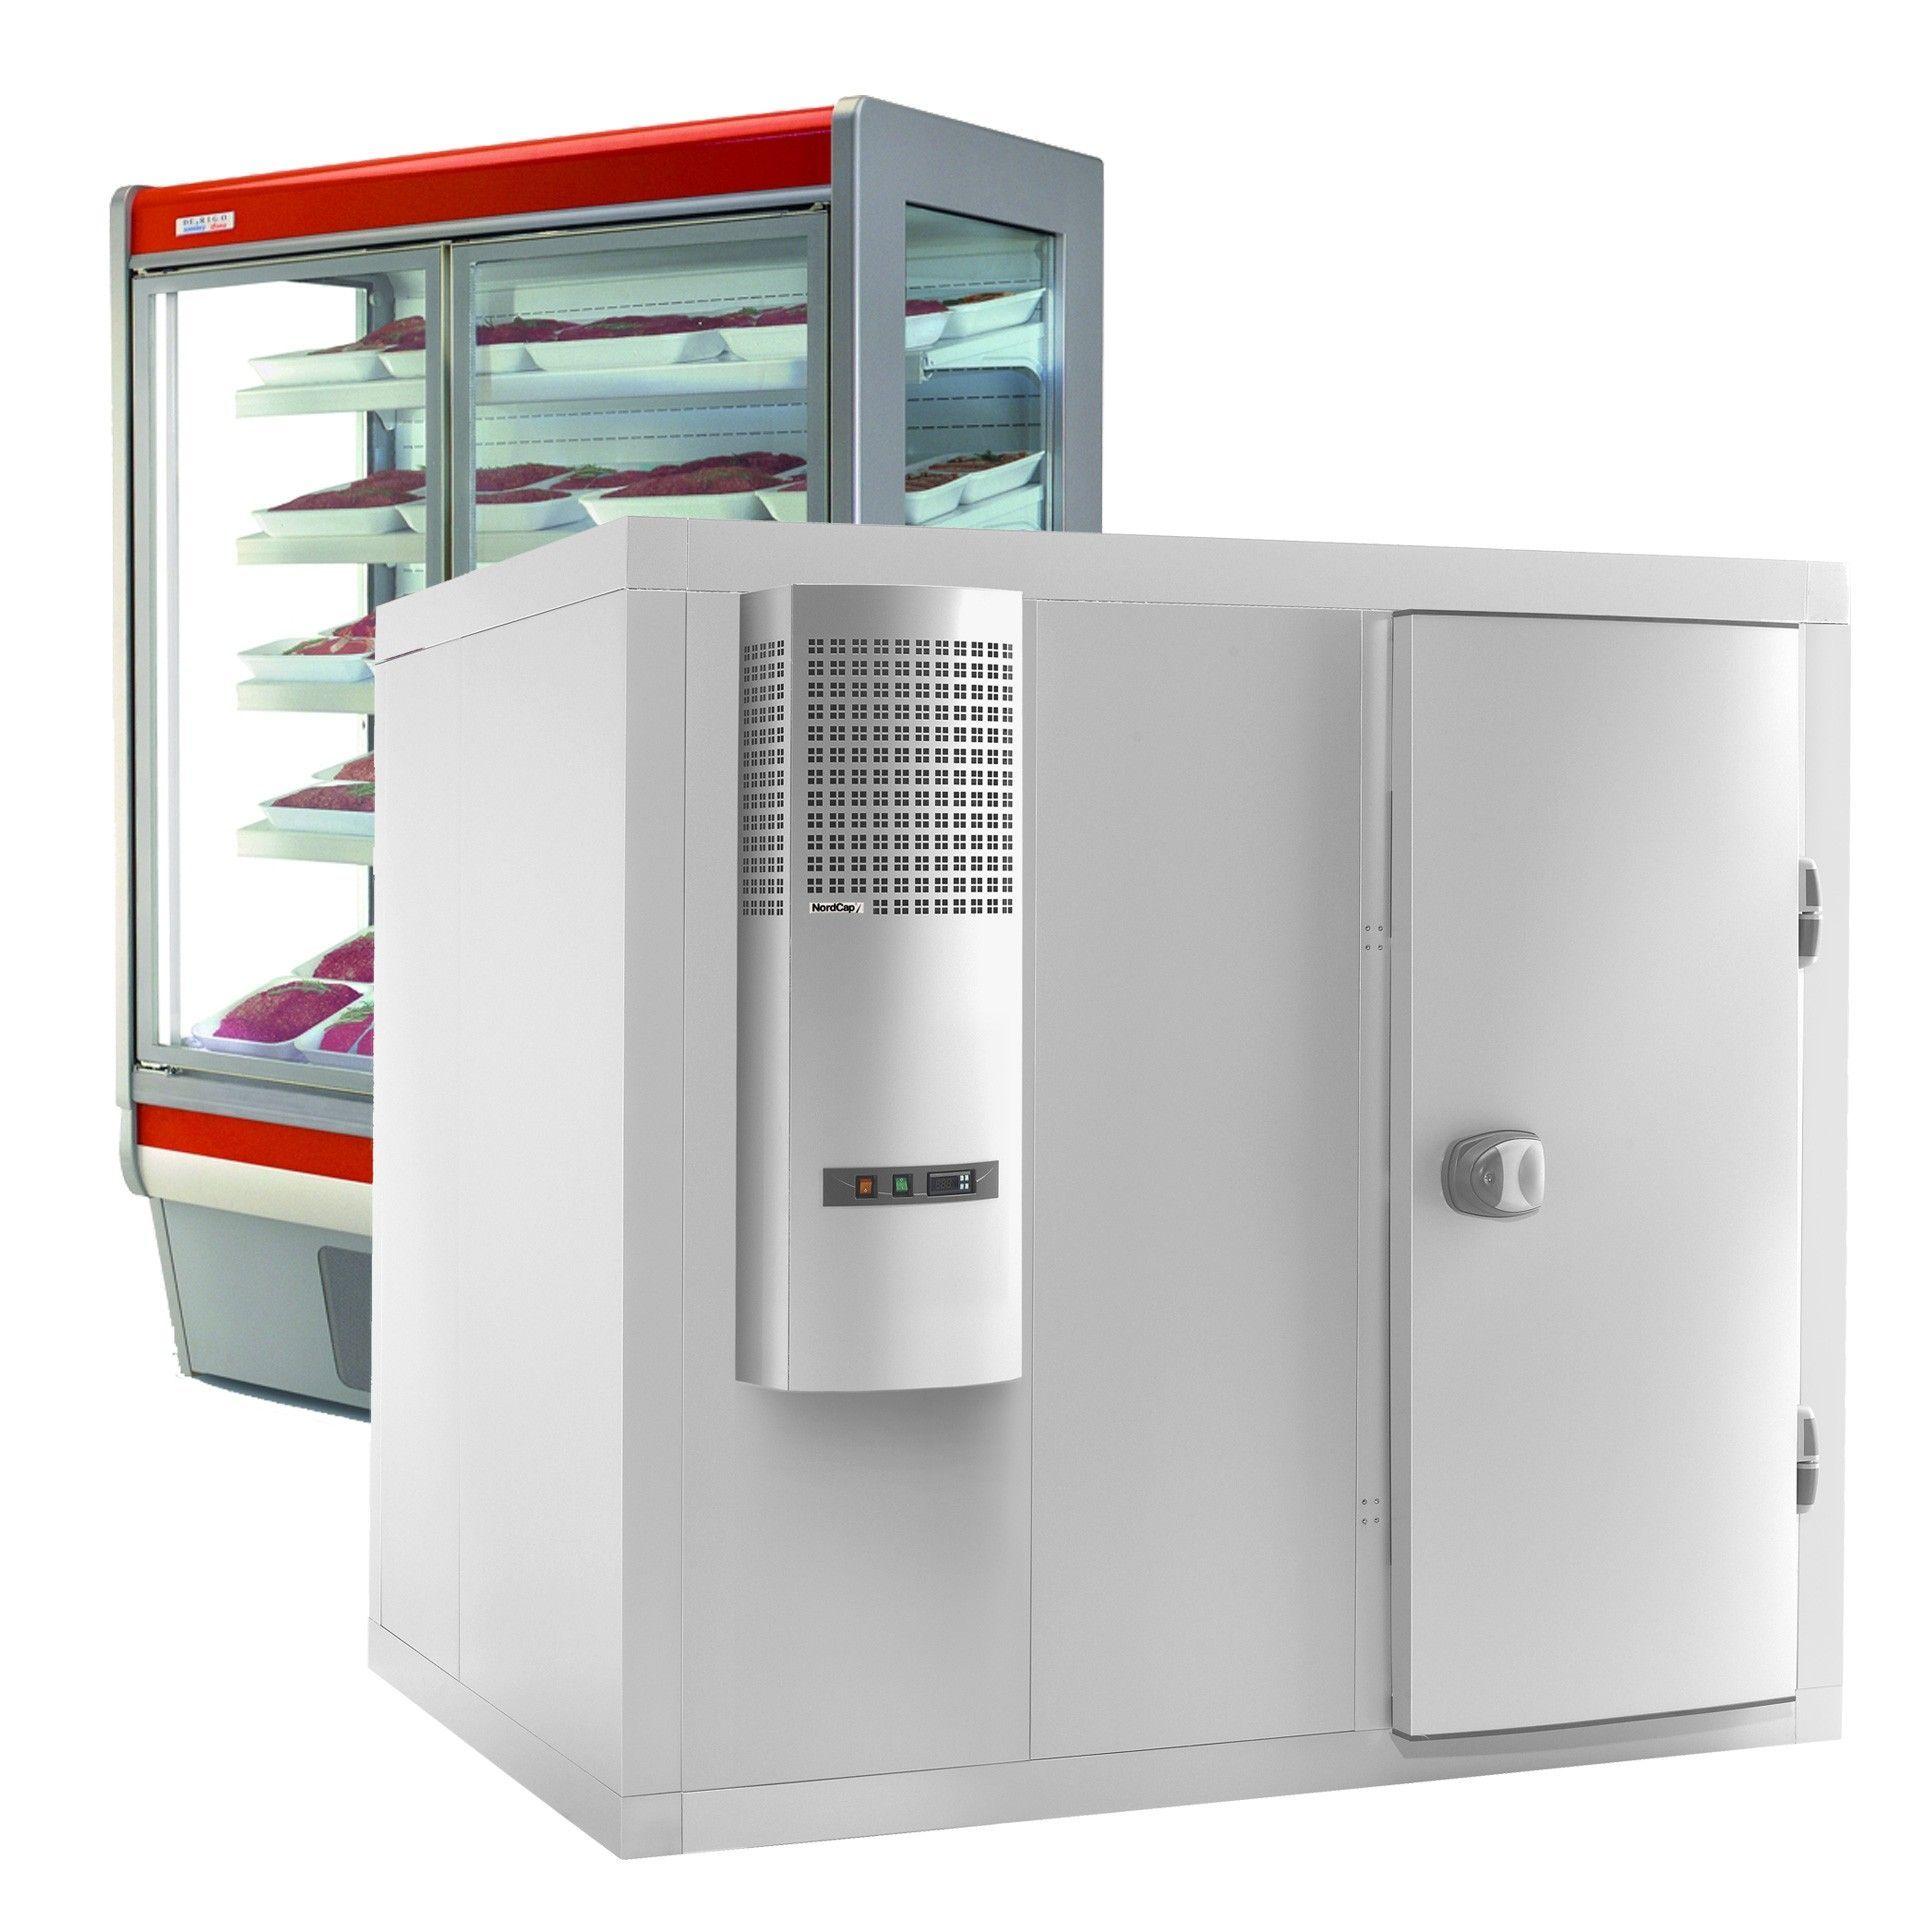 NordCap Kühlgeräte